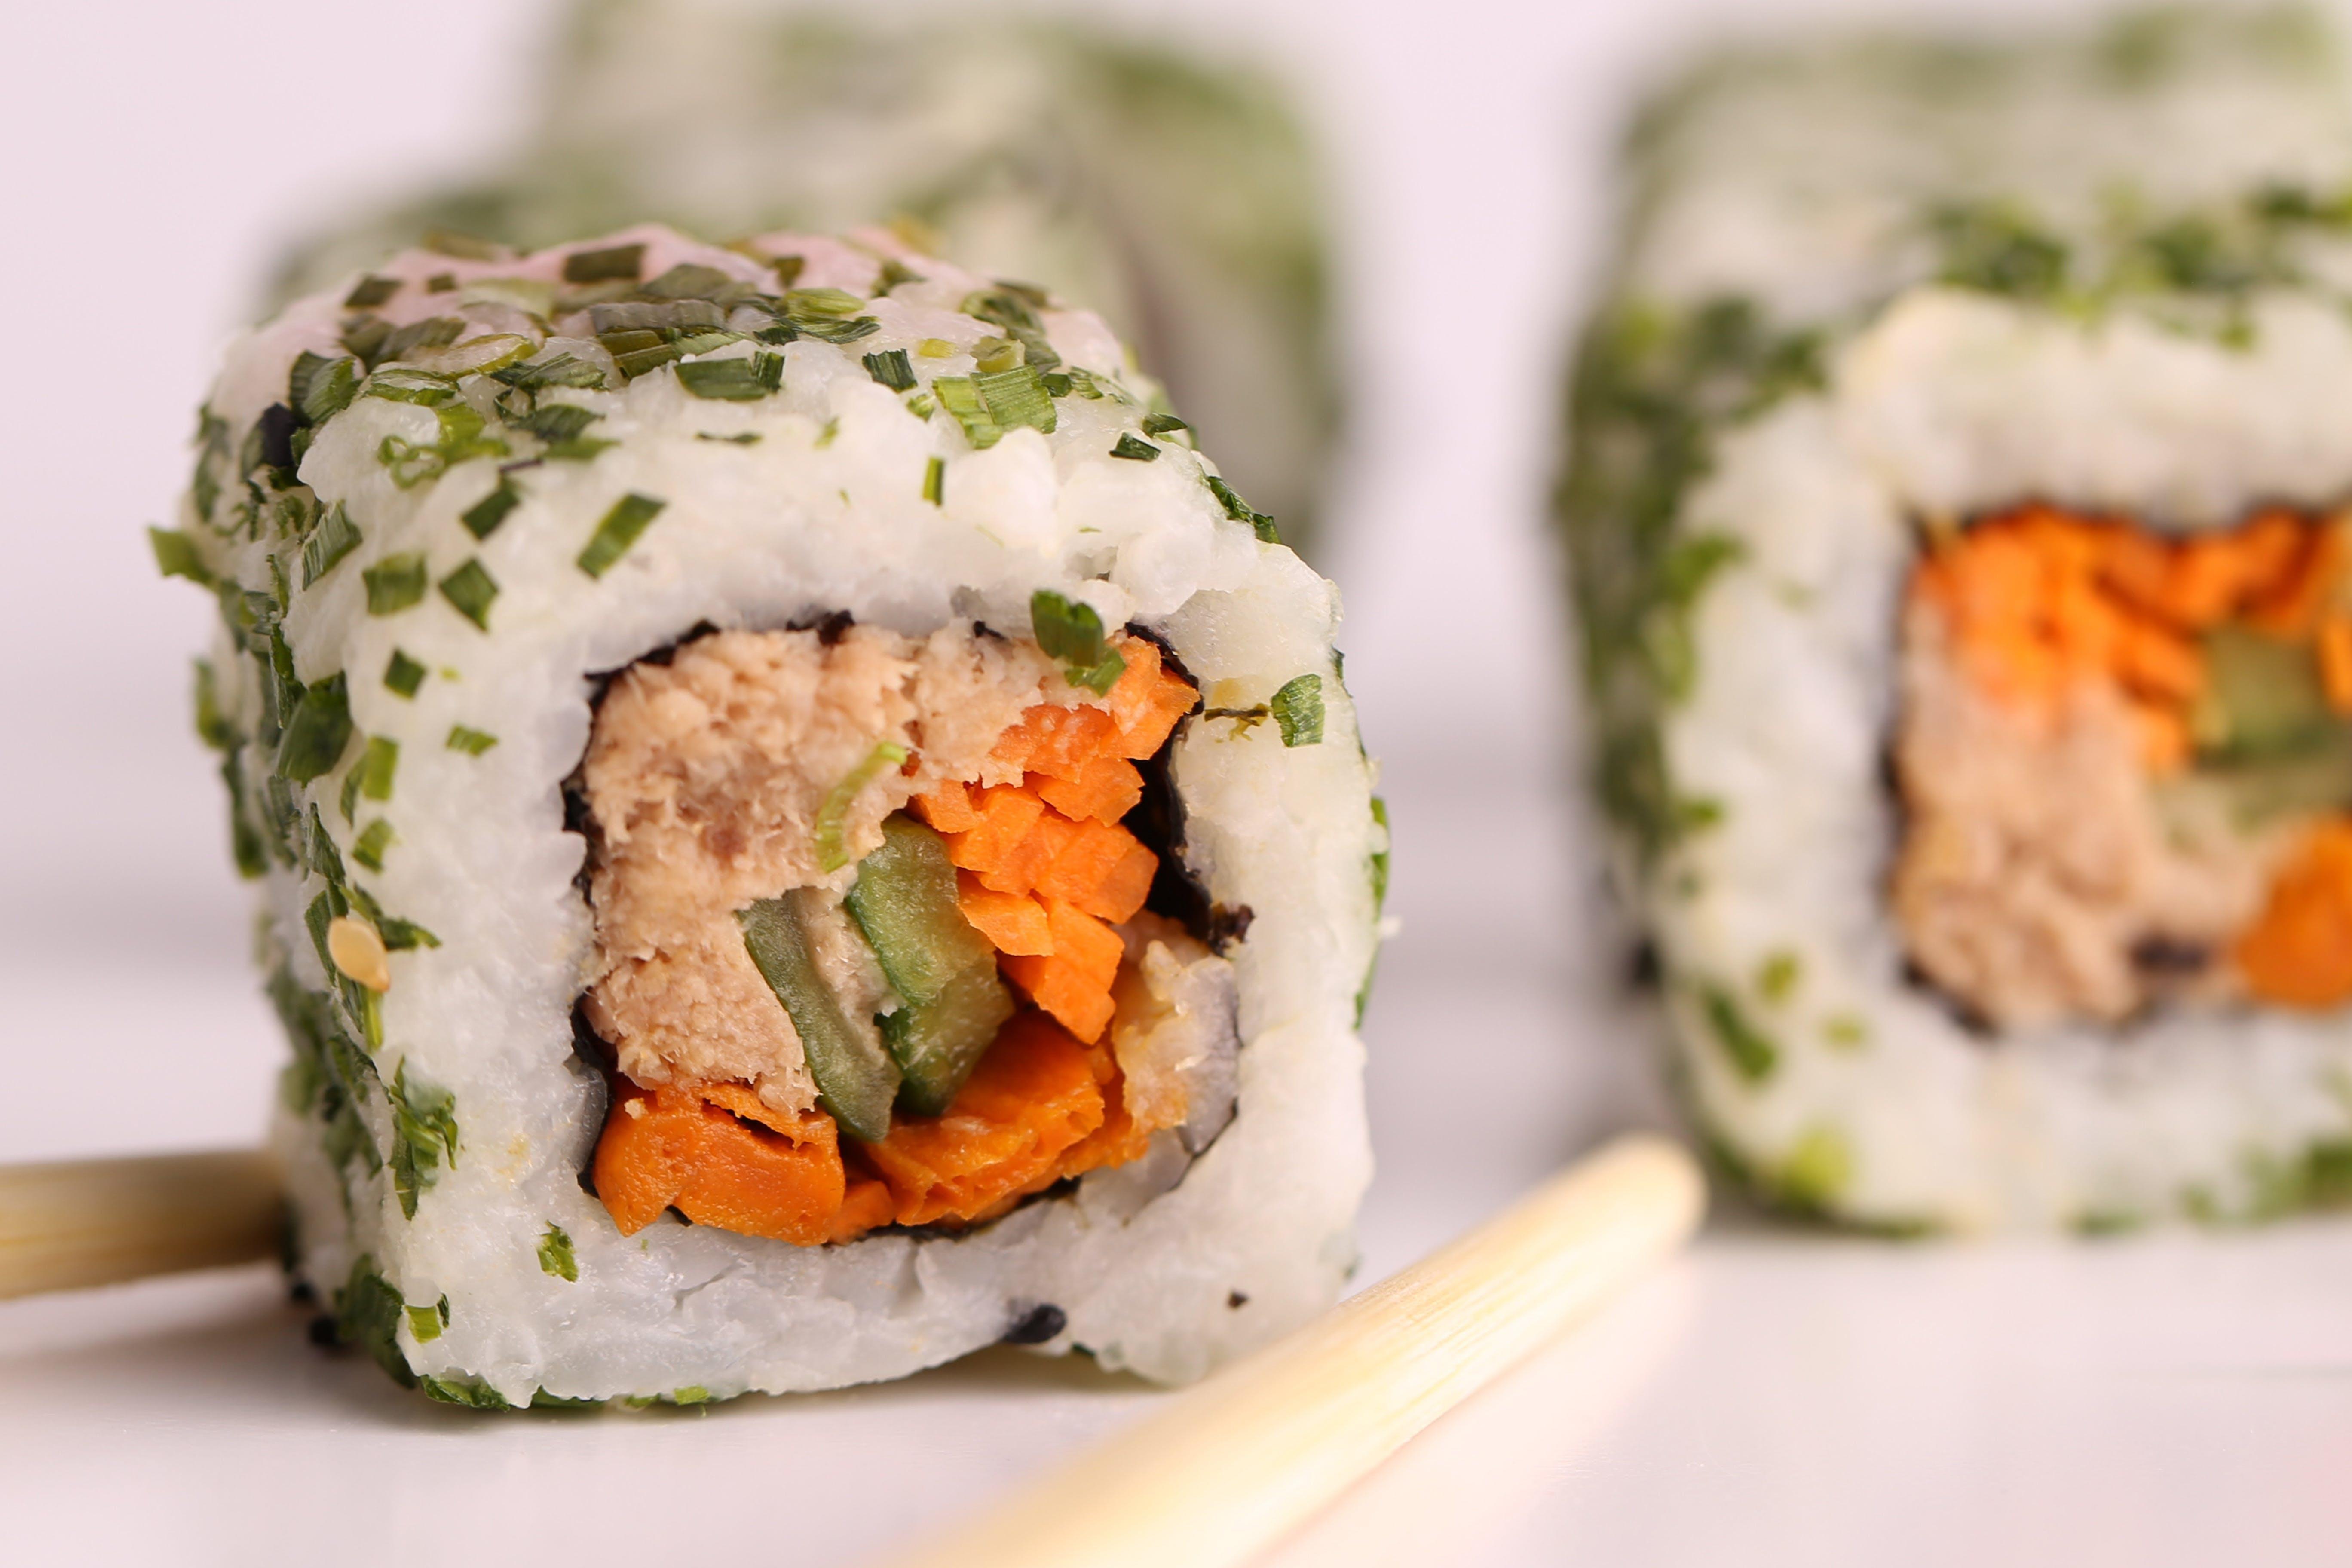 Gratis lagerfoto af asiatisk, close-up, cuisine, delikat